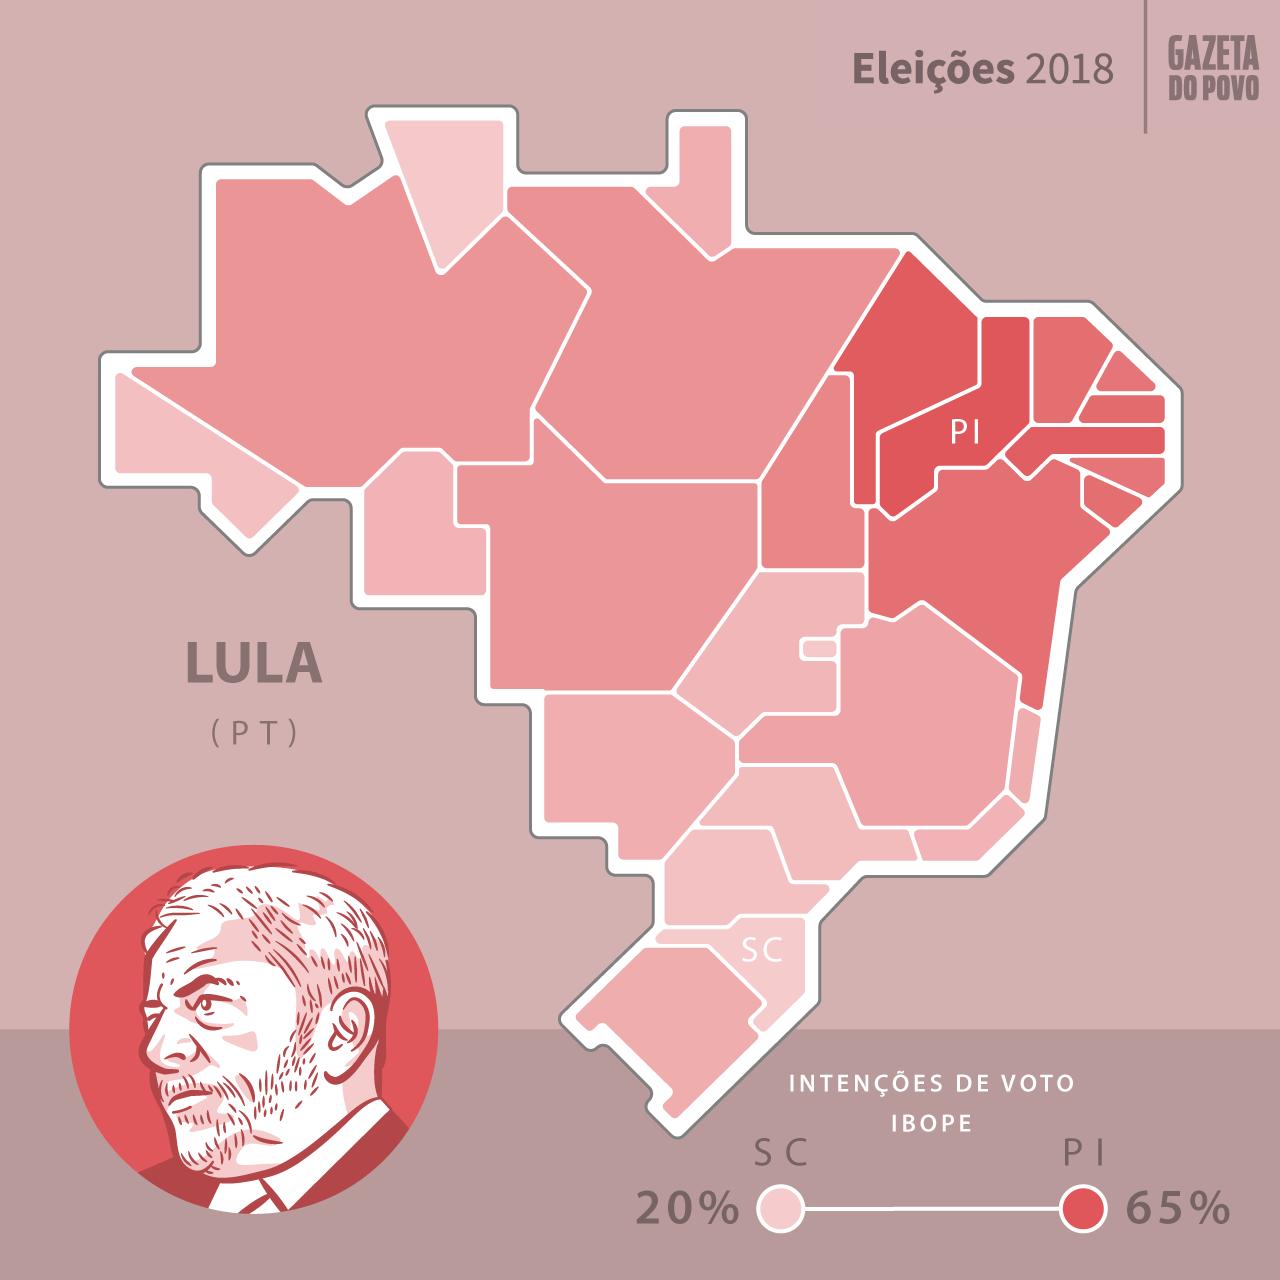 Mapa de intenção de votos de Lula nos estados, enquanto ainda era o candidato do PT, segundo pesquisa eleitoral IBOPE de agosto de 2018